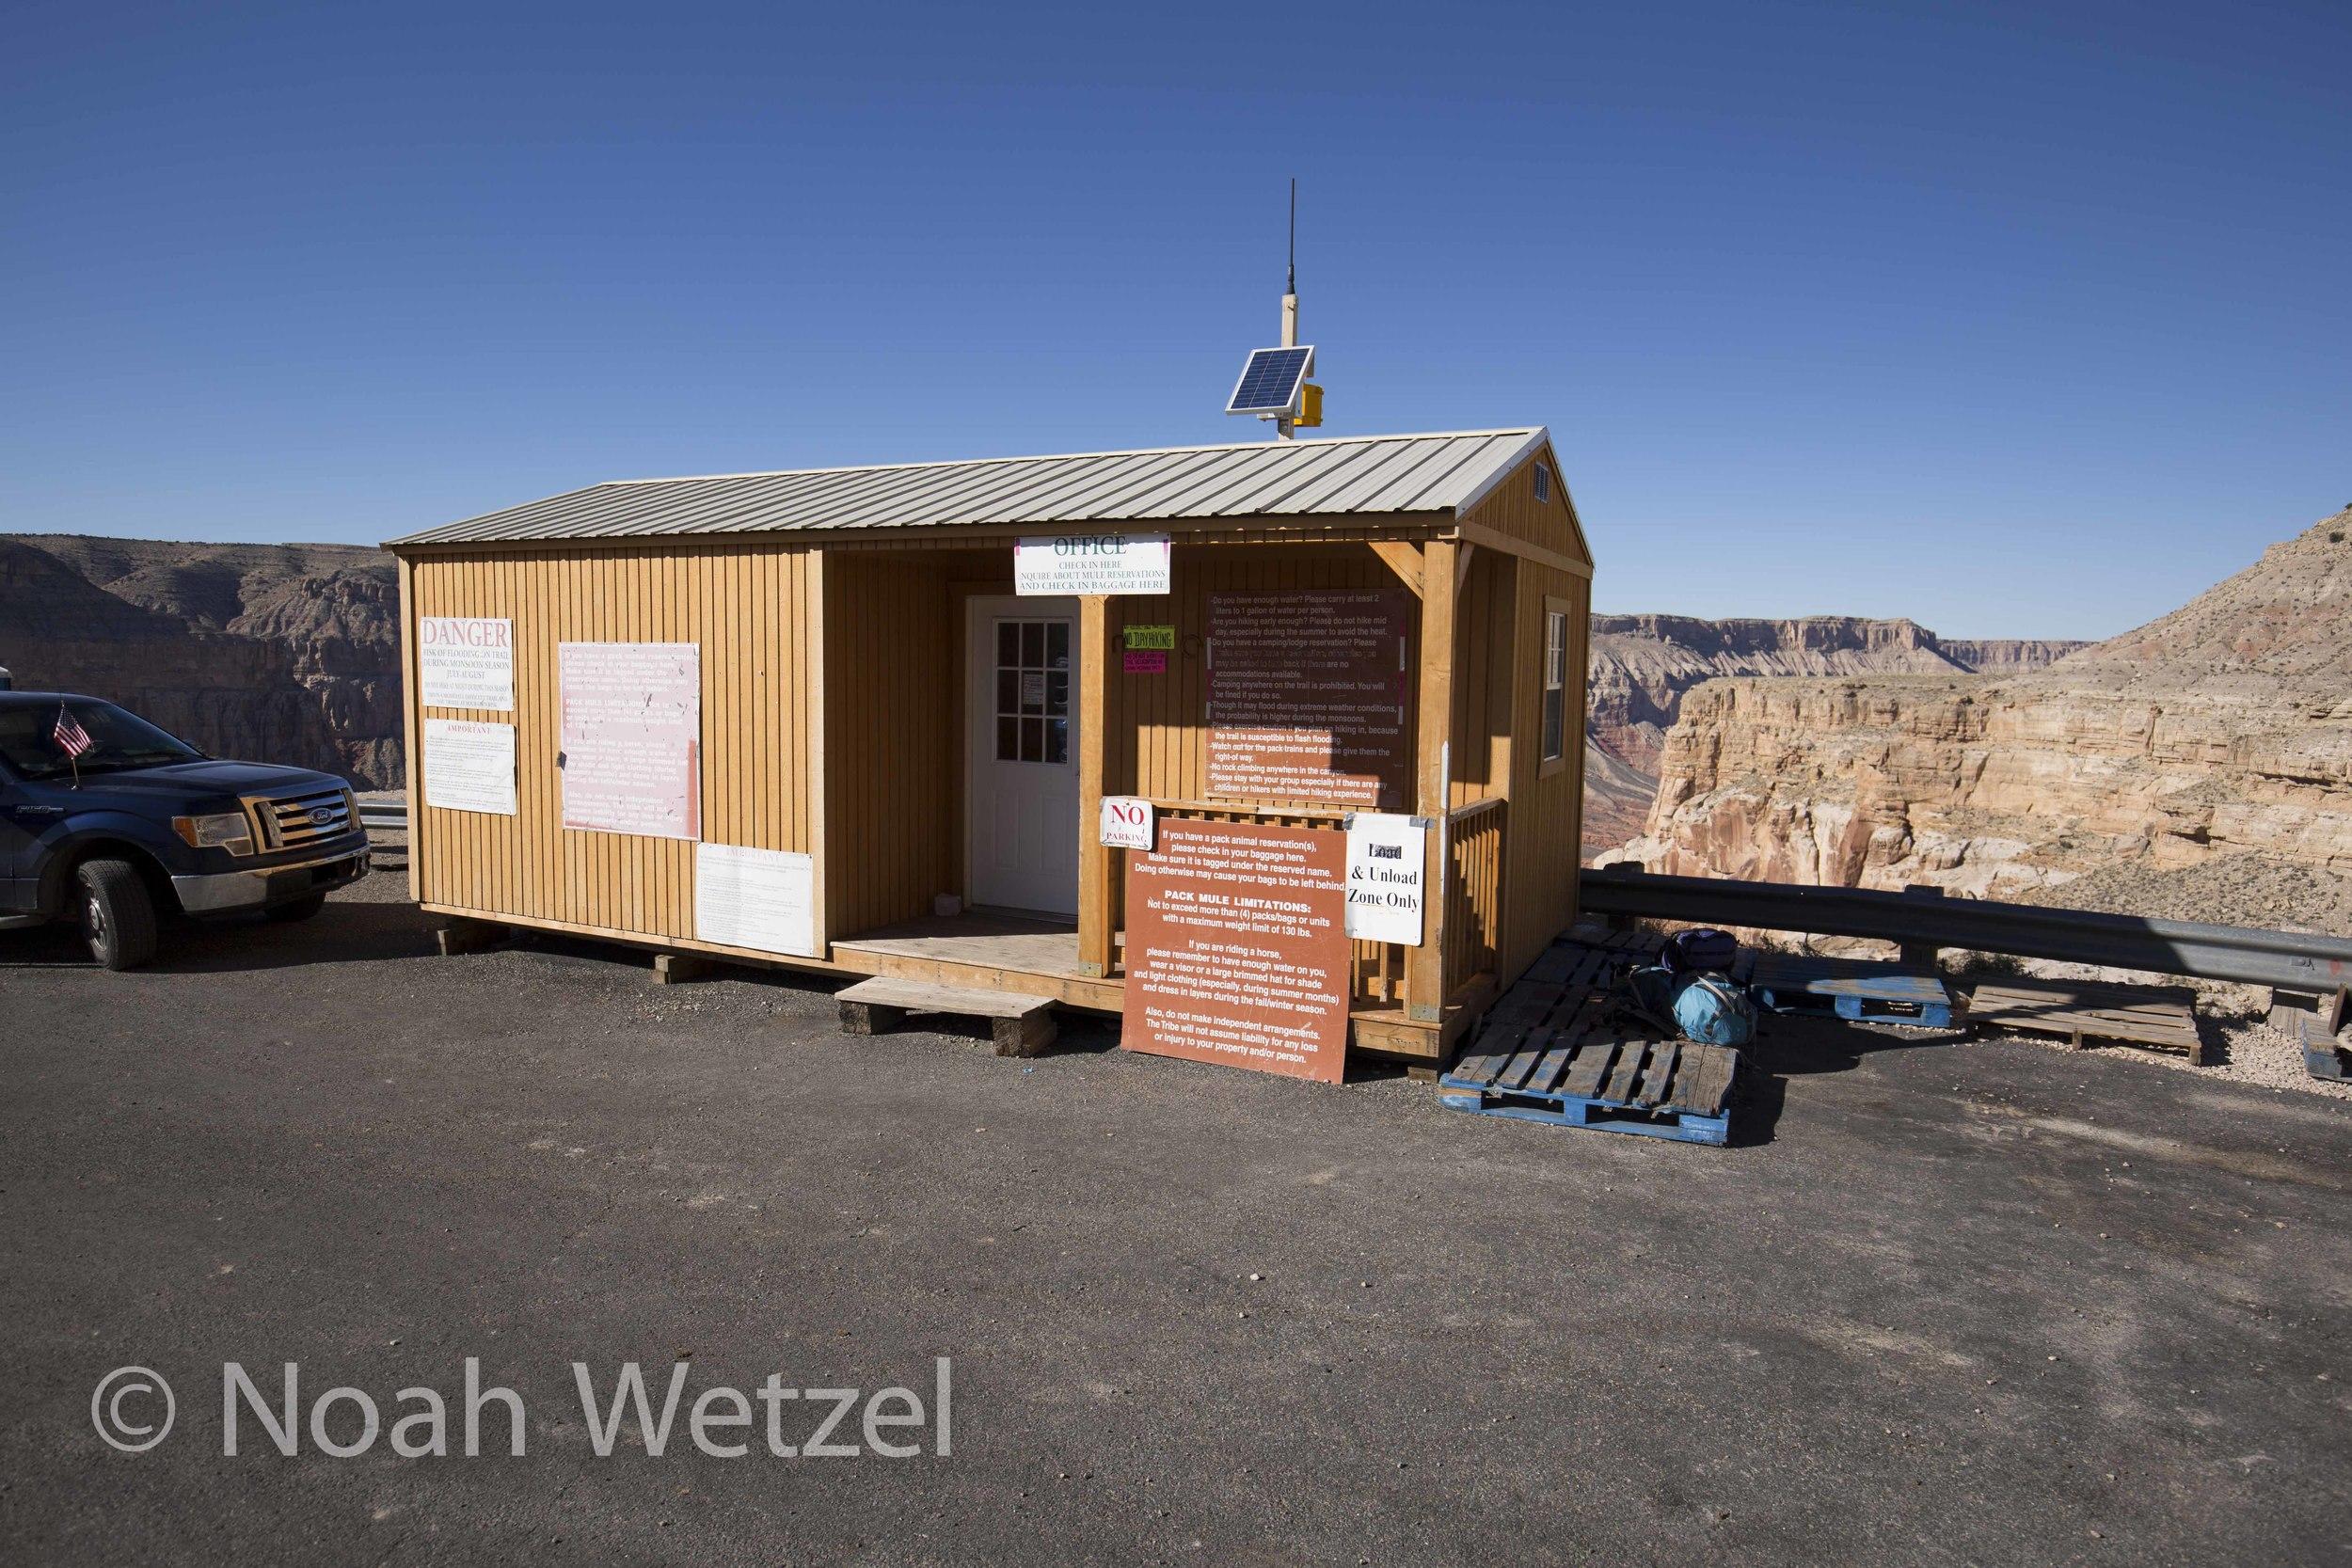 The shack at Haulupai Hilltop. Supai, Arizona